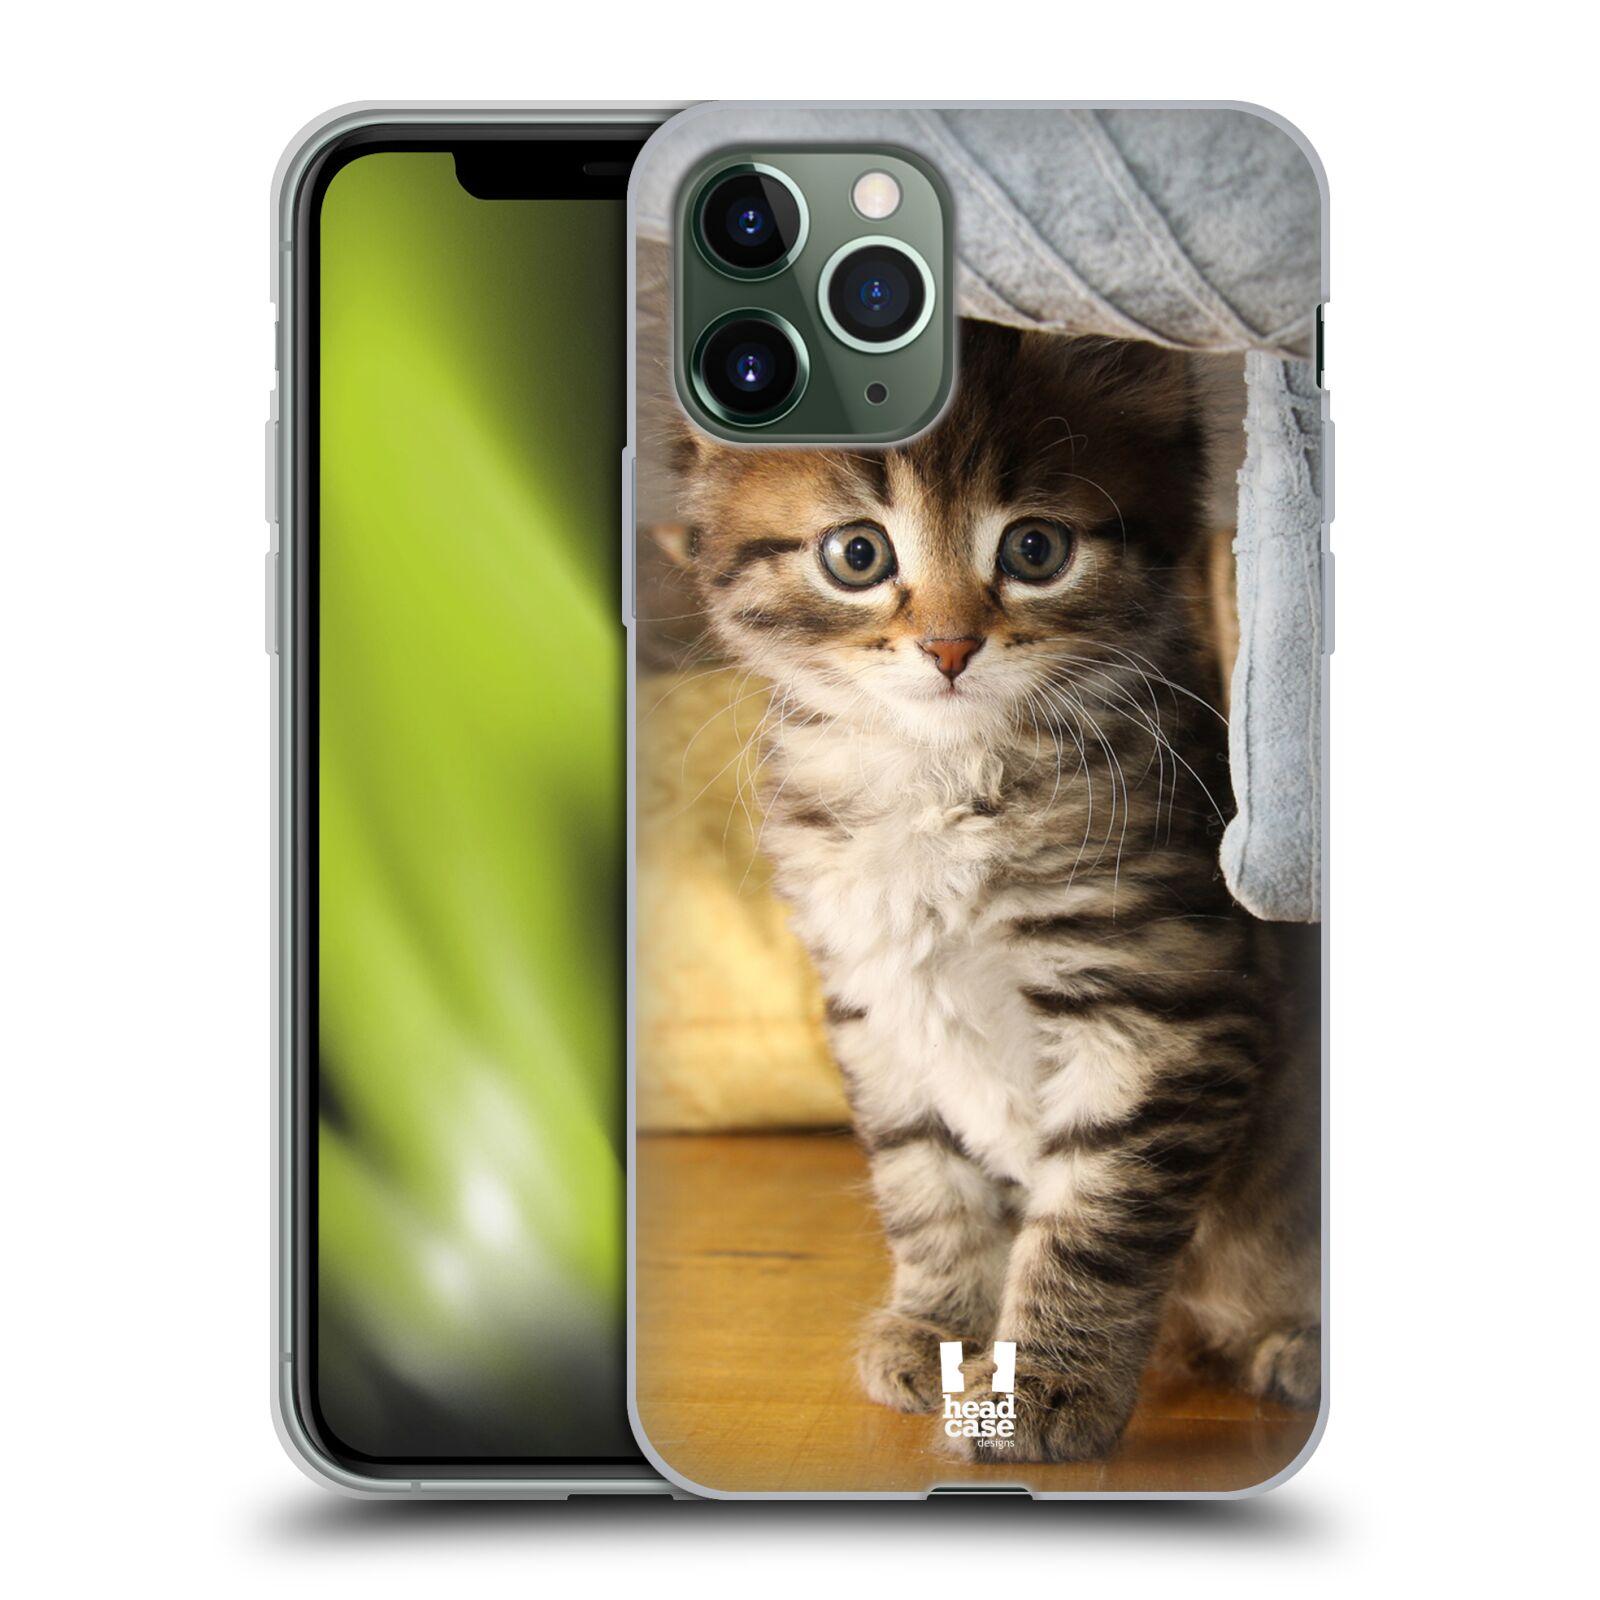 pouzdro iphone 8 apple | Silikonové pouzdro na mobil Apple iPhone 11 Pro - Head Case - ZVÍDAVÉ KOTĚ